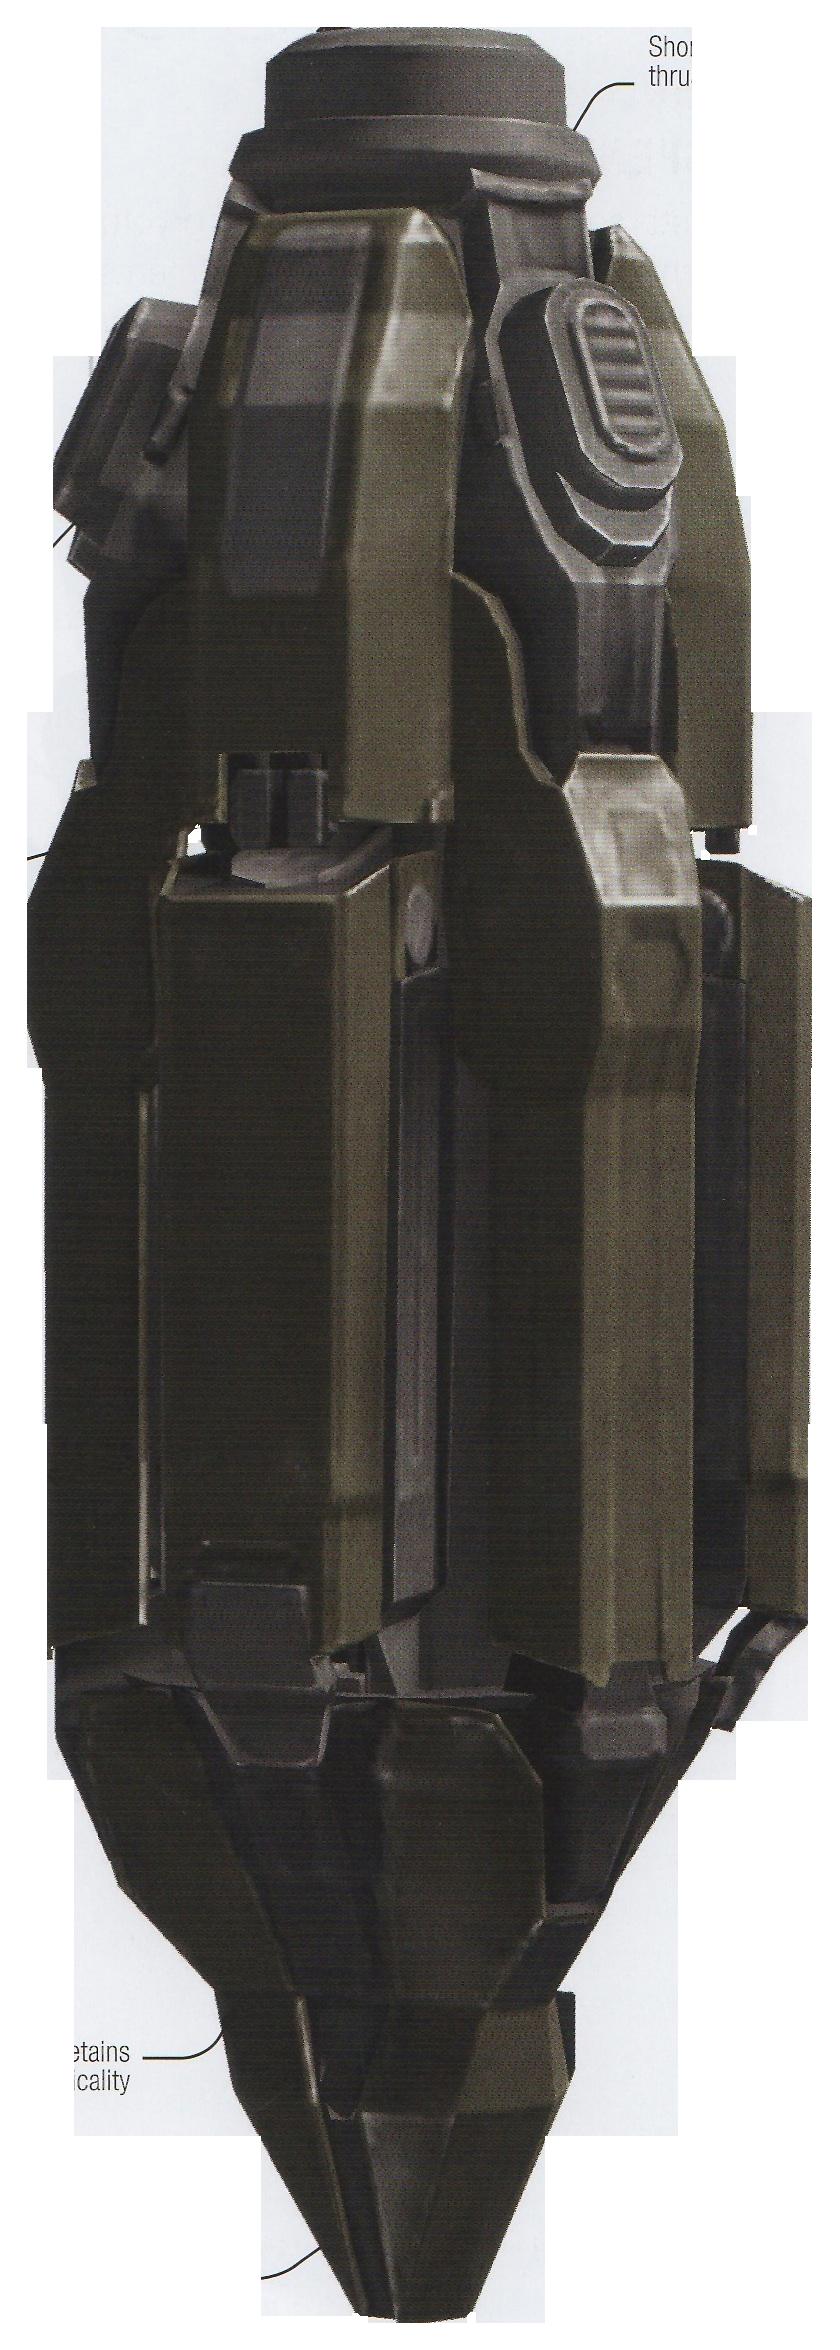 M2859 Materiel Acquisition Pod